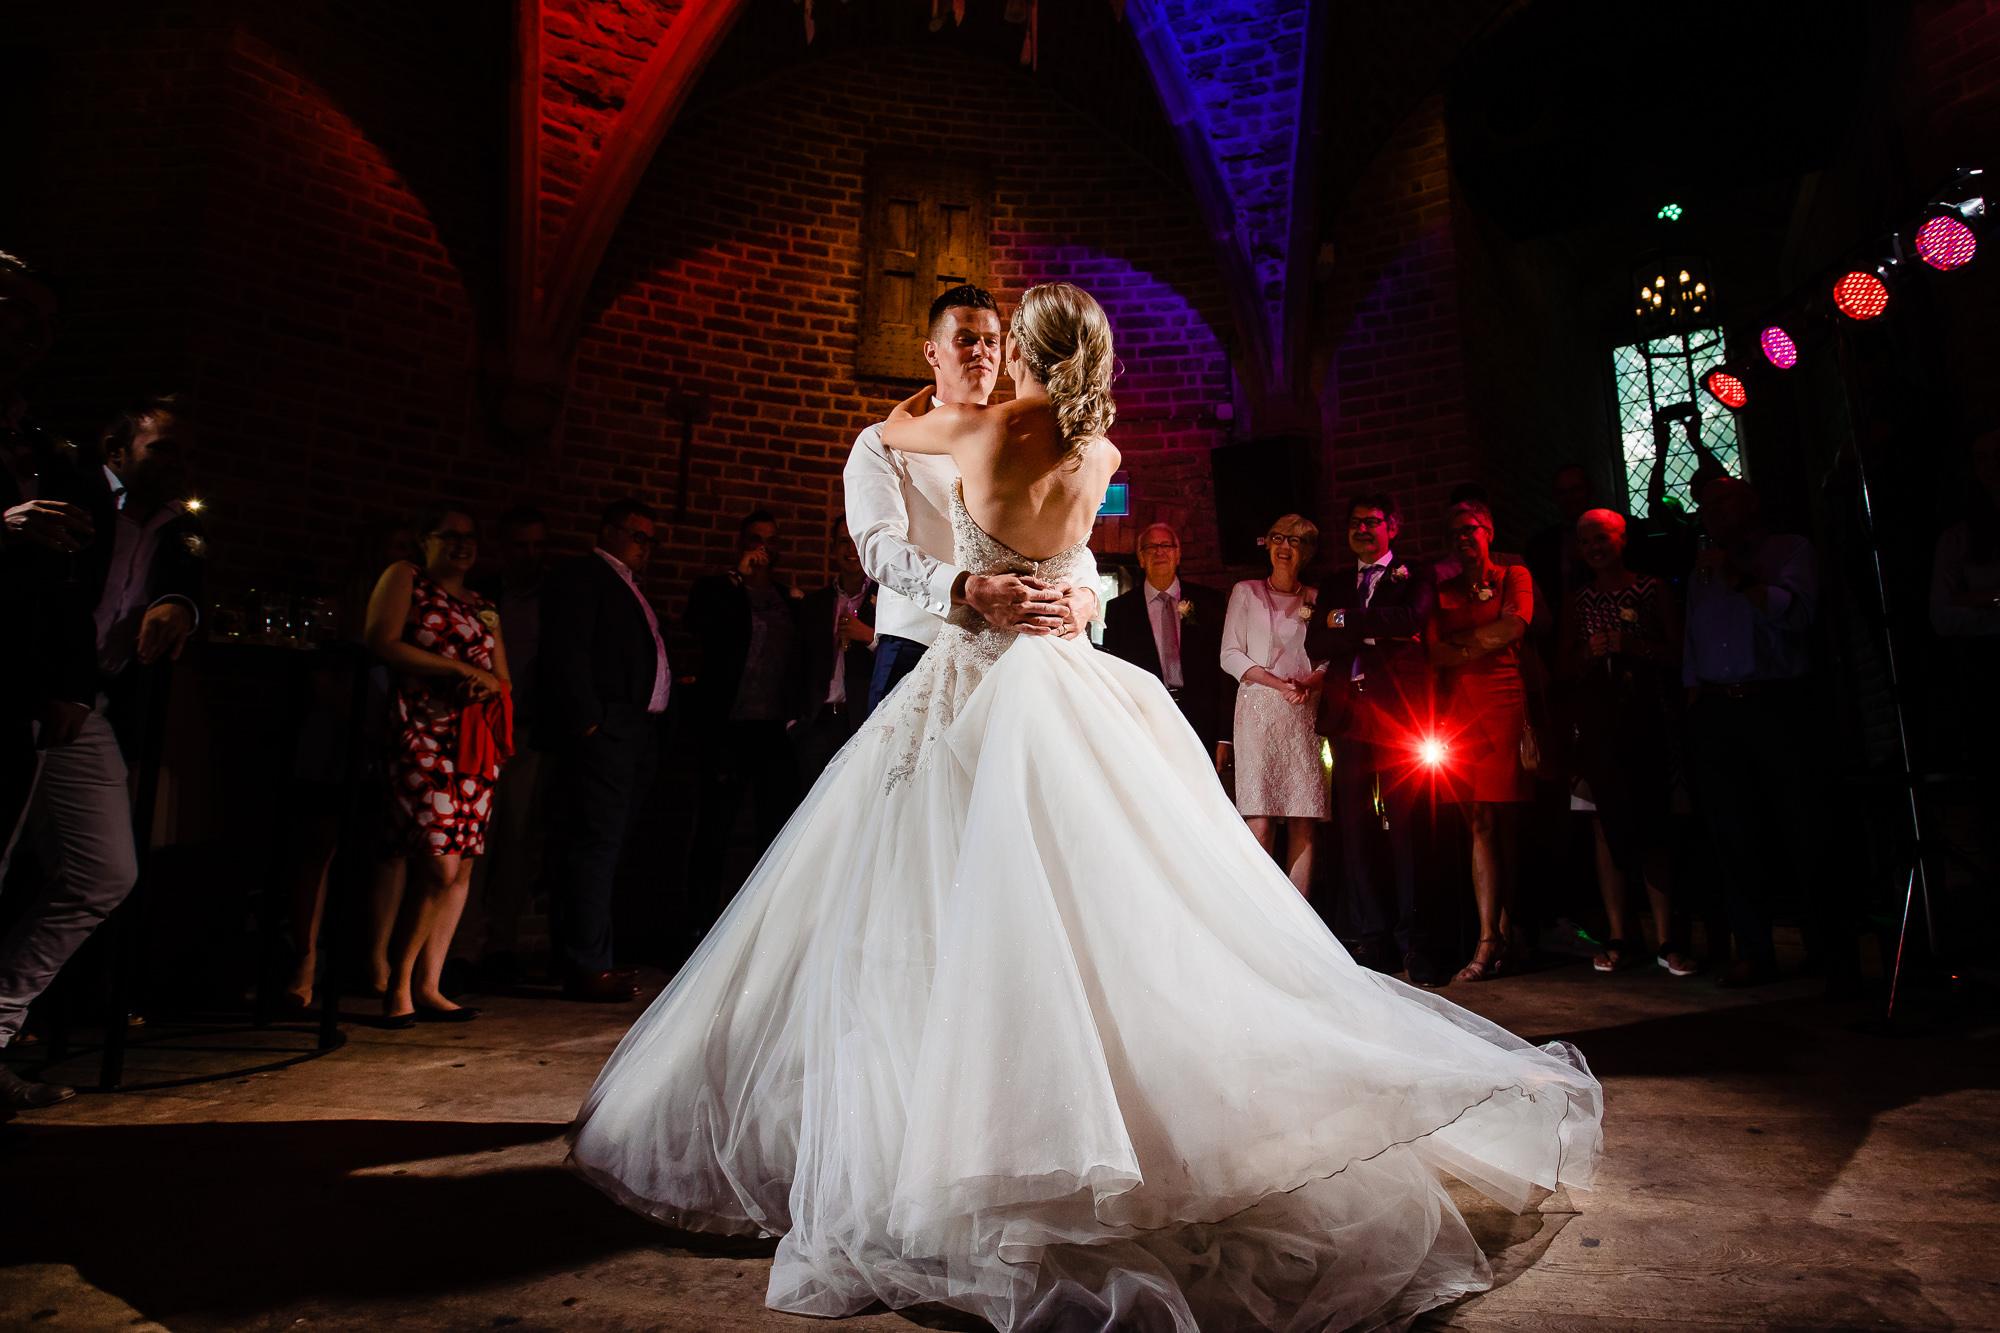 foto met dansend bruidspaar in een prachtige ruimte in een klein kasteeltje